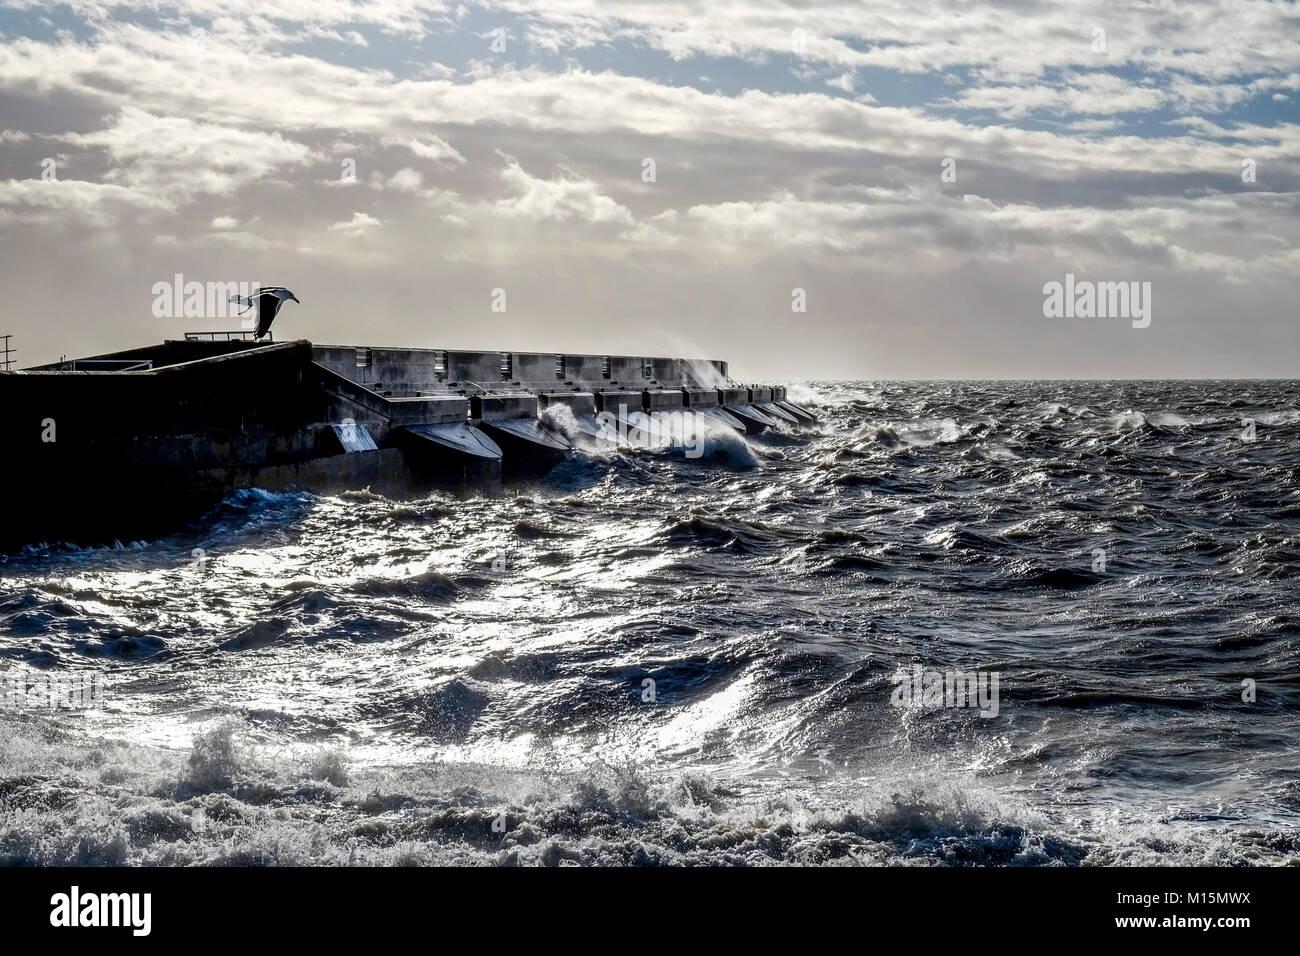 Tormentoso mar rompiendo contra el Brighton marina puerto negro muro, spray y olas altas en el aire, mar agitado Imagen De Stock